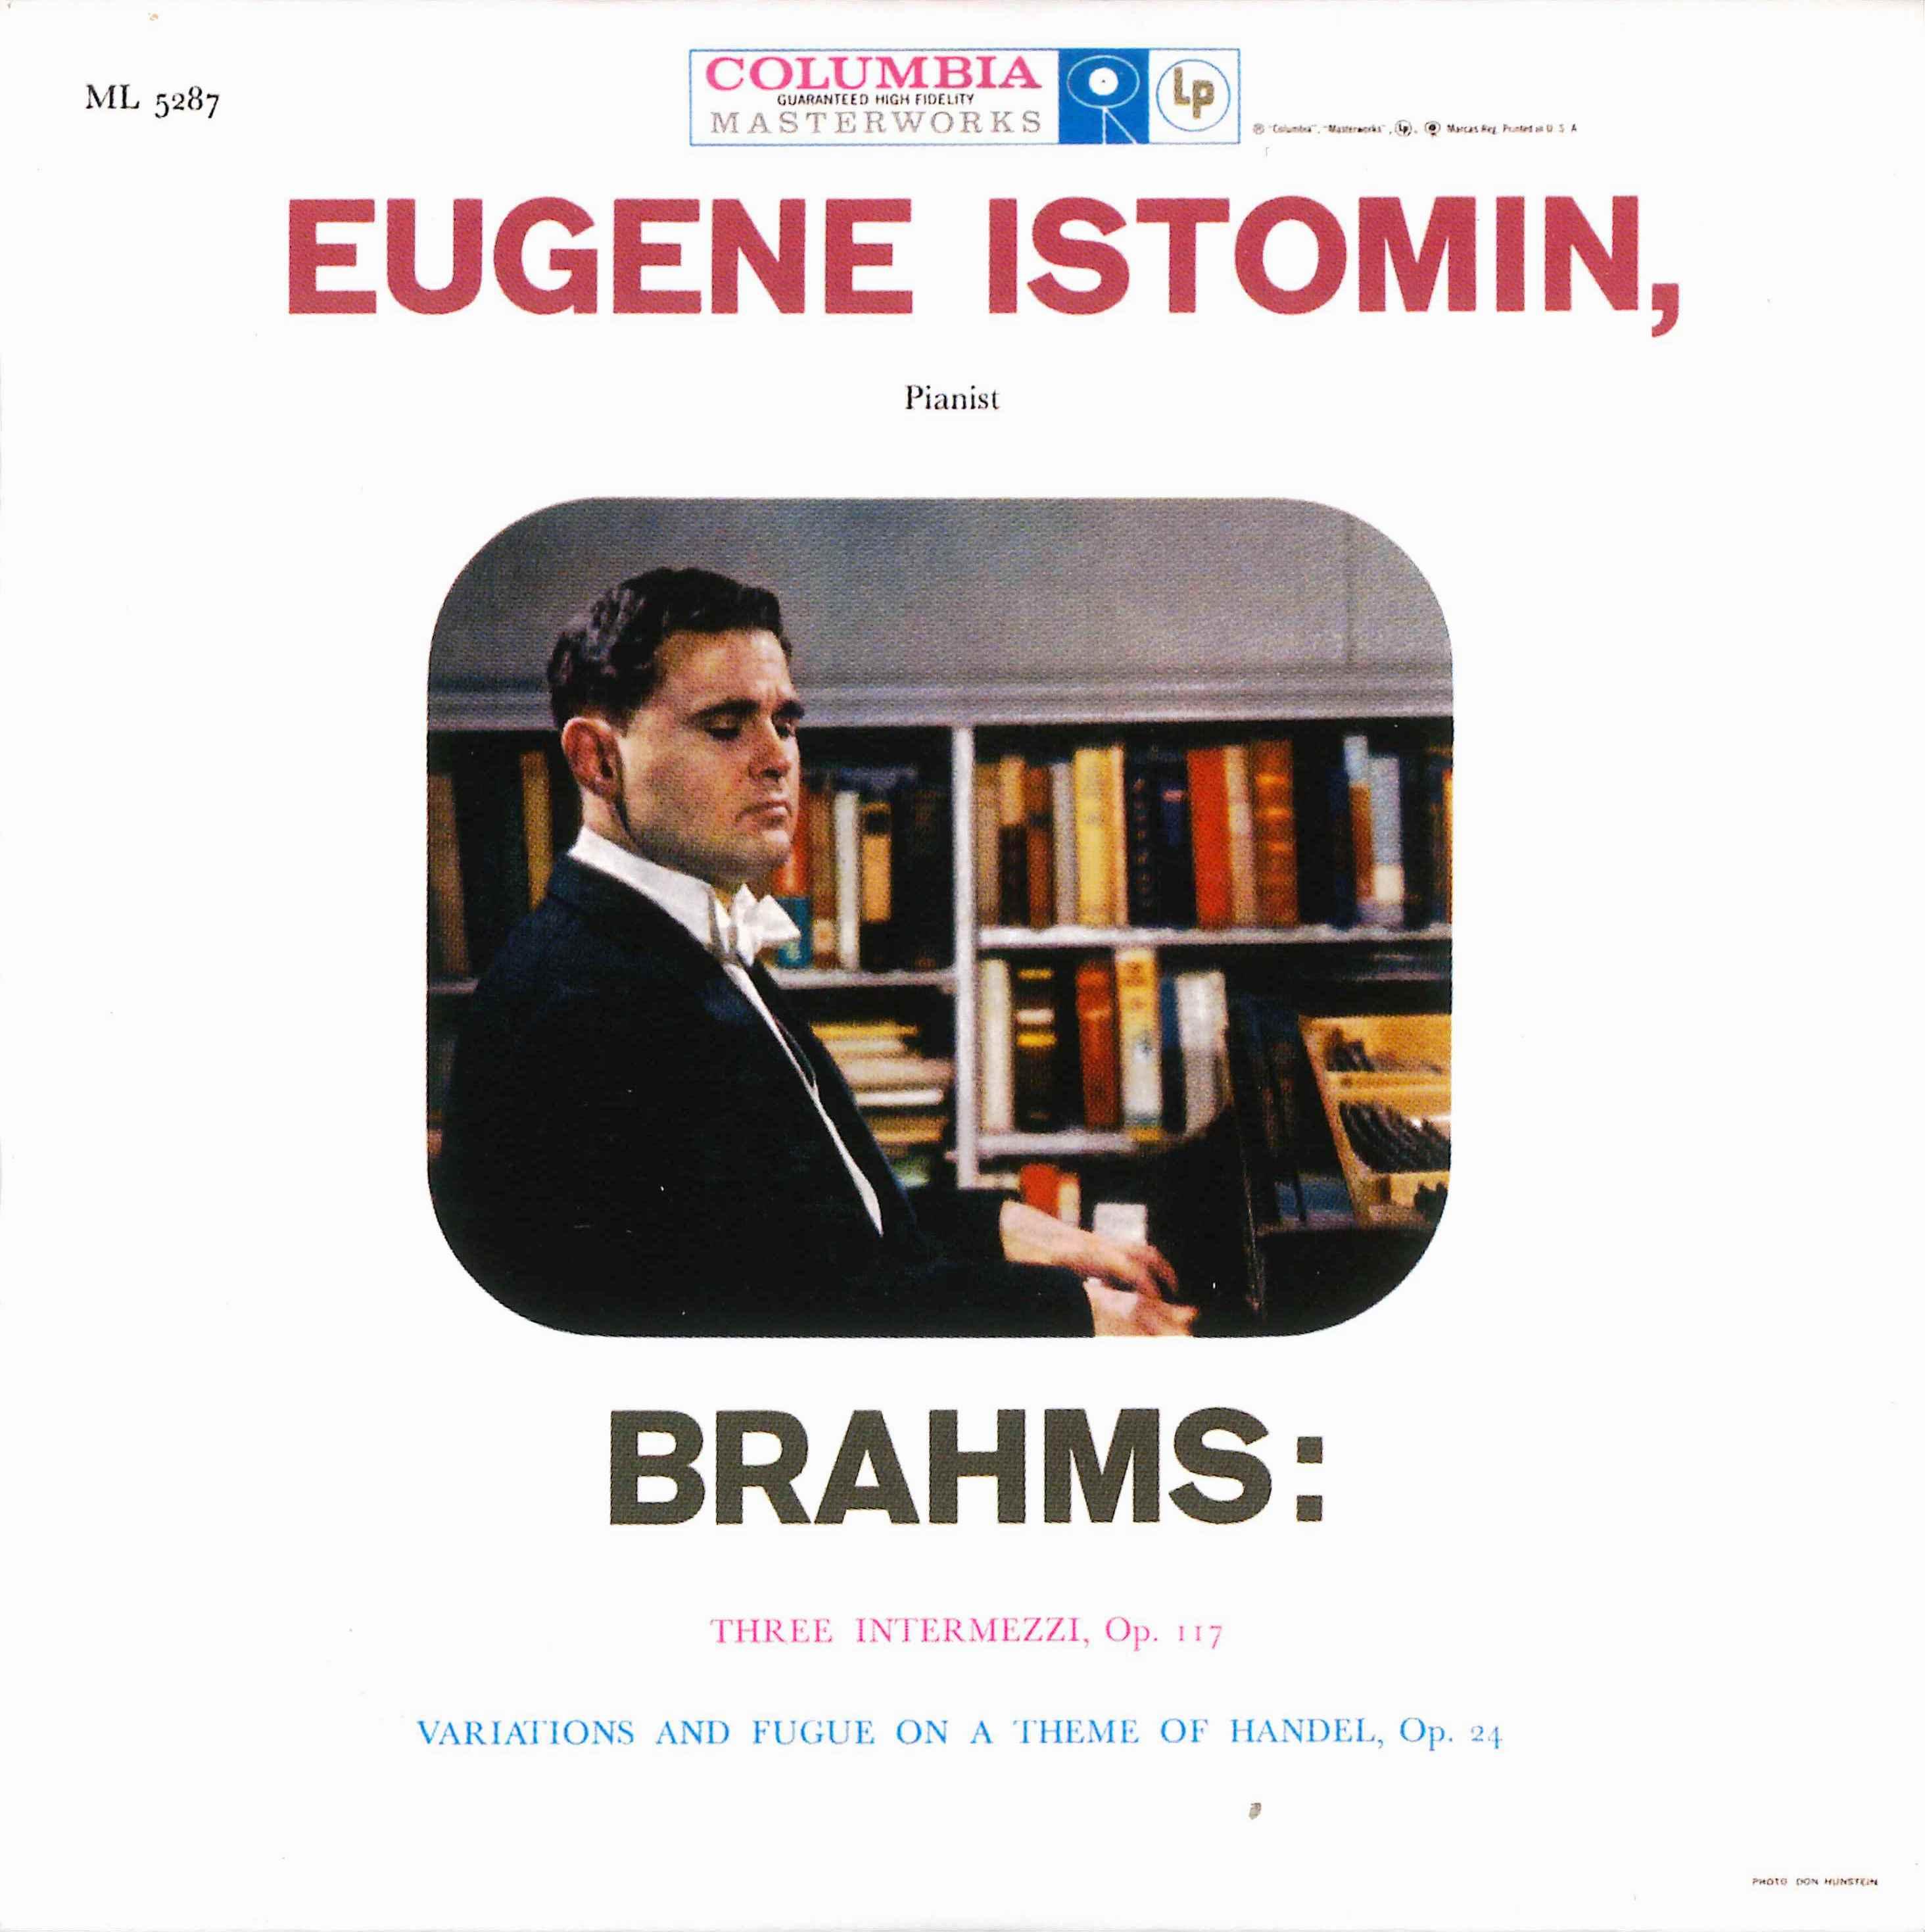 Brahms: musique pour piano - Page 4 Brahms11